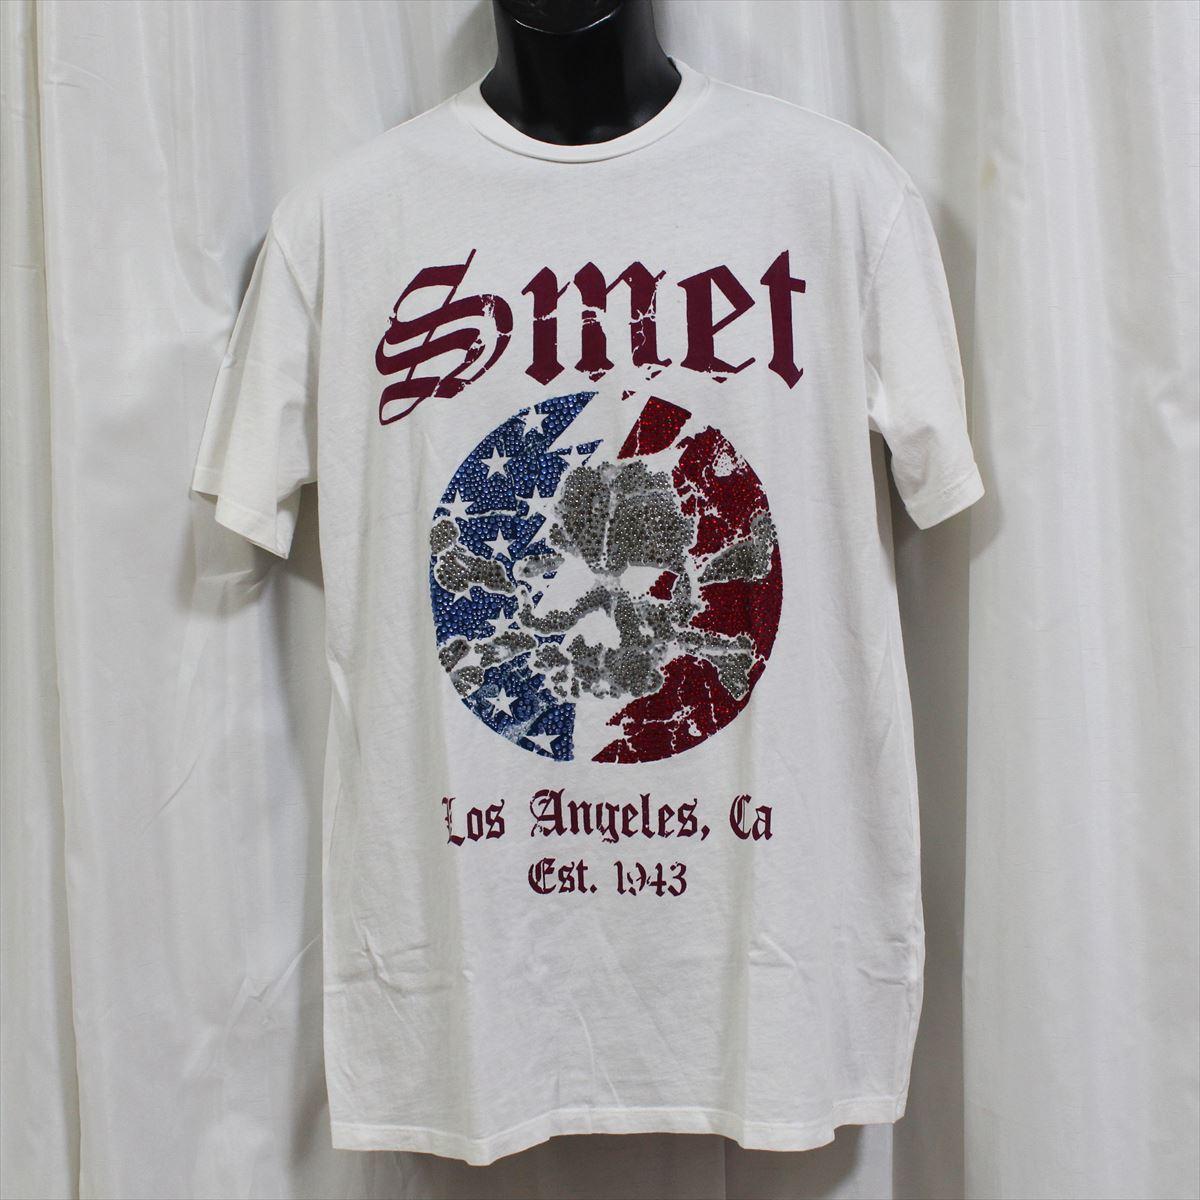 スメット SMET メンズ半袖Tシャツ ホワイト Lサイズ NO11 新品 白 スカル_画像1